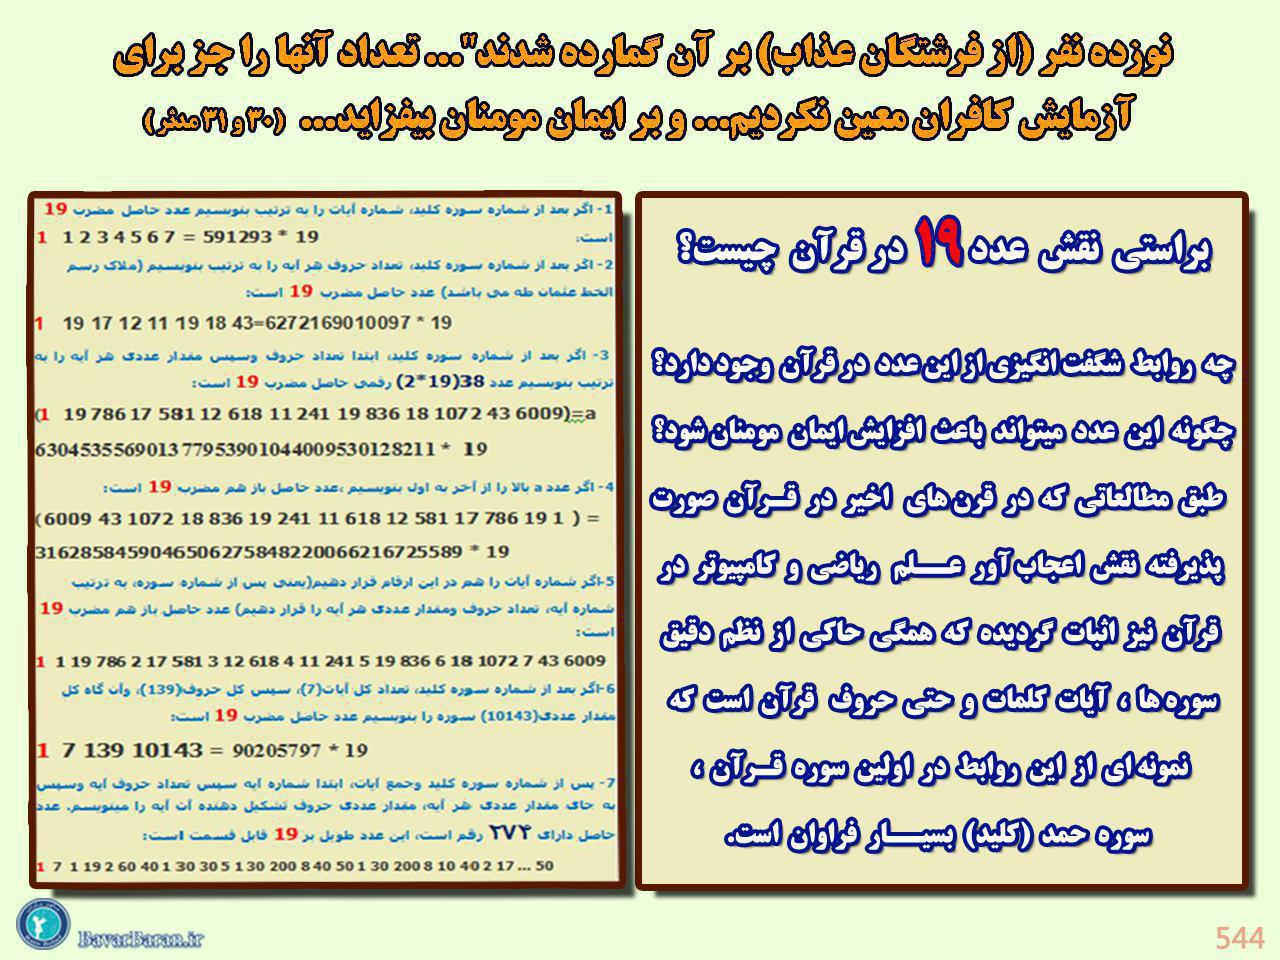 اسراری از ۱۹ حرف بودن بسم الله الرحمن الرحیم